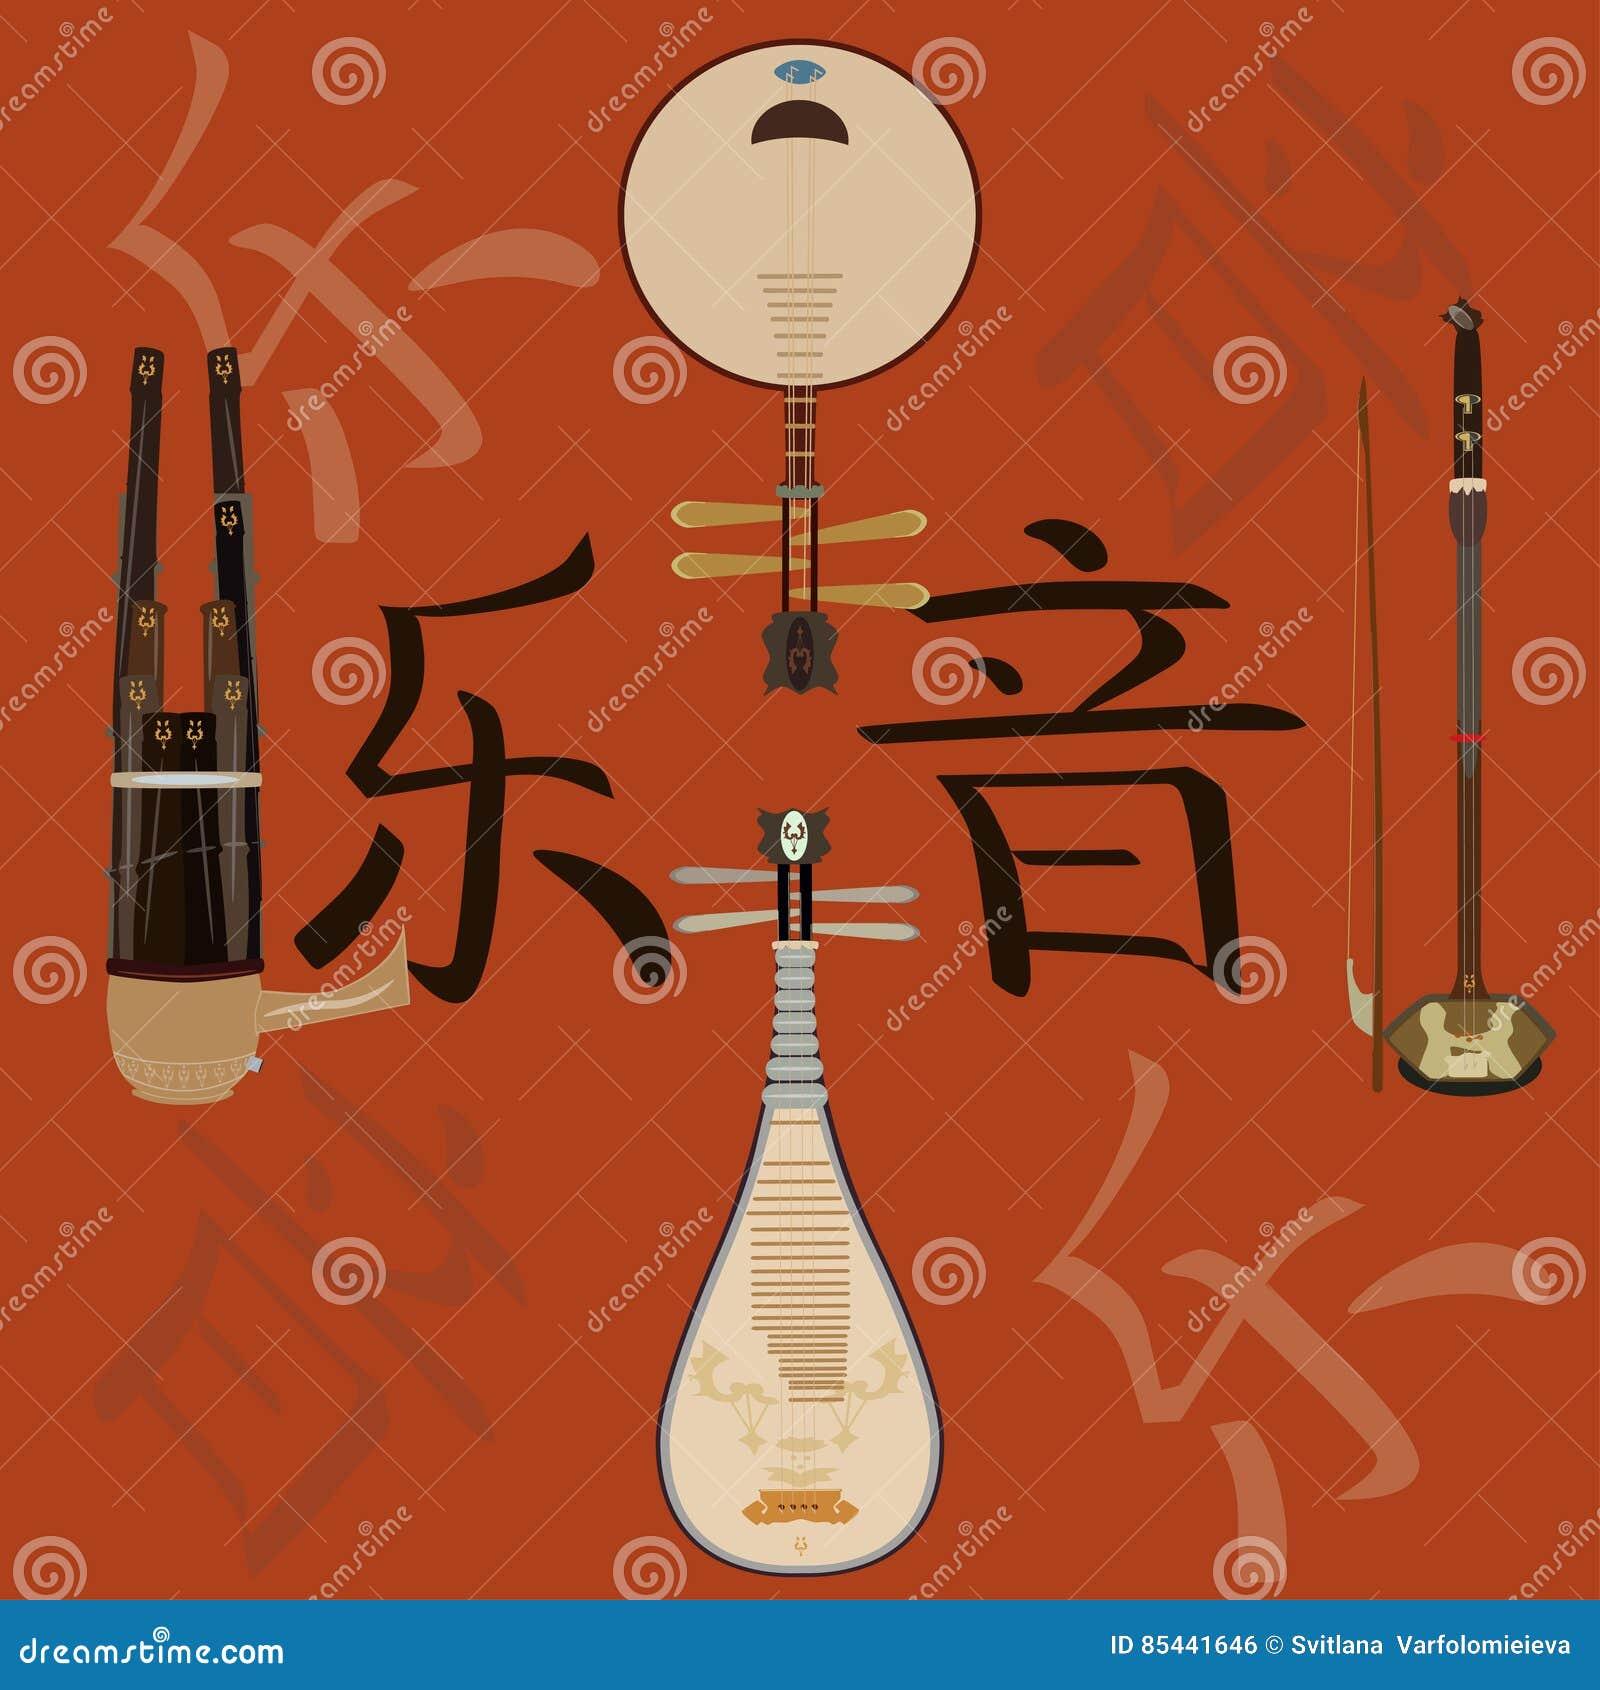 传染媒介套中国乐器和音乐象形文字背景